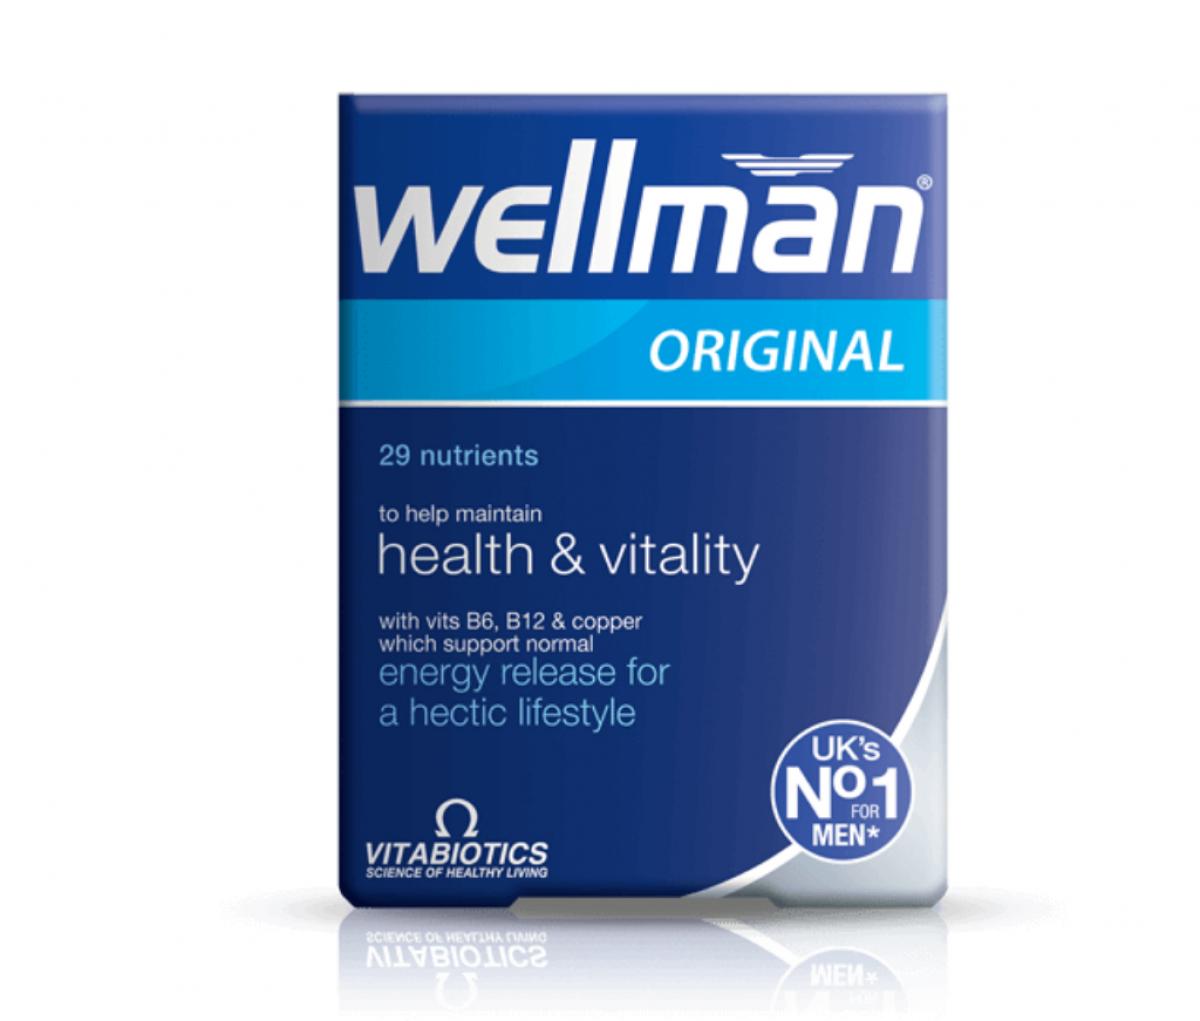 Wellman Original Capsule